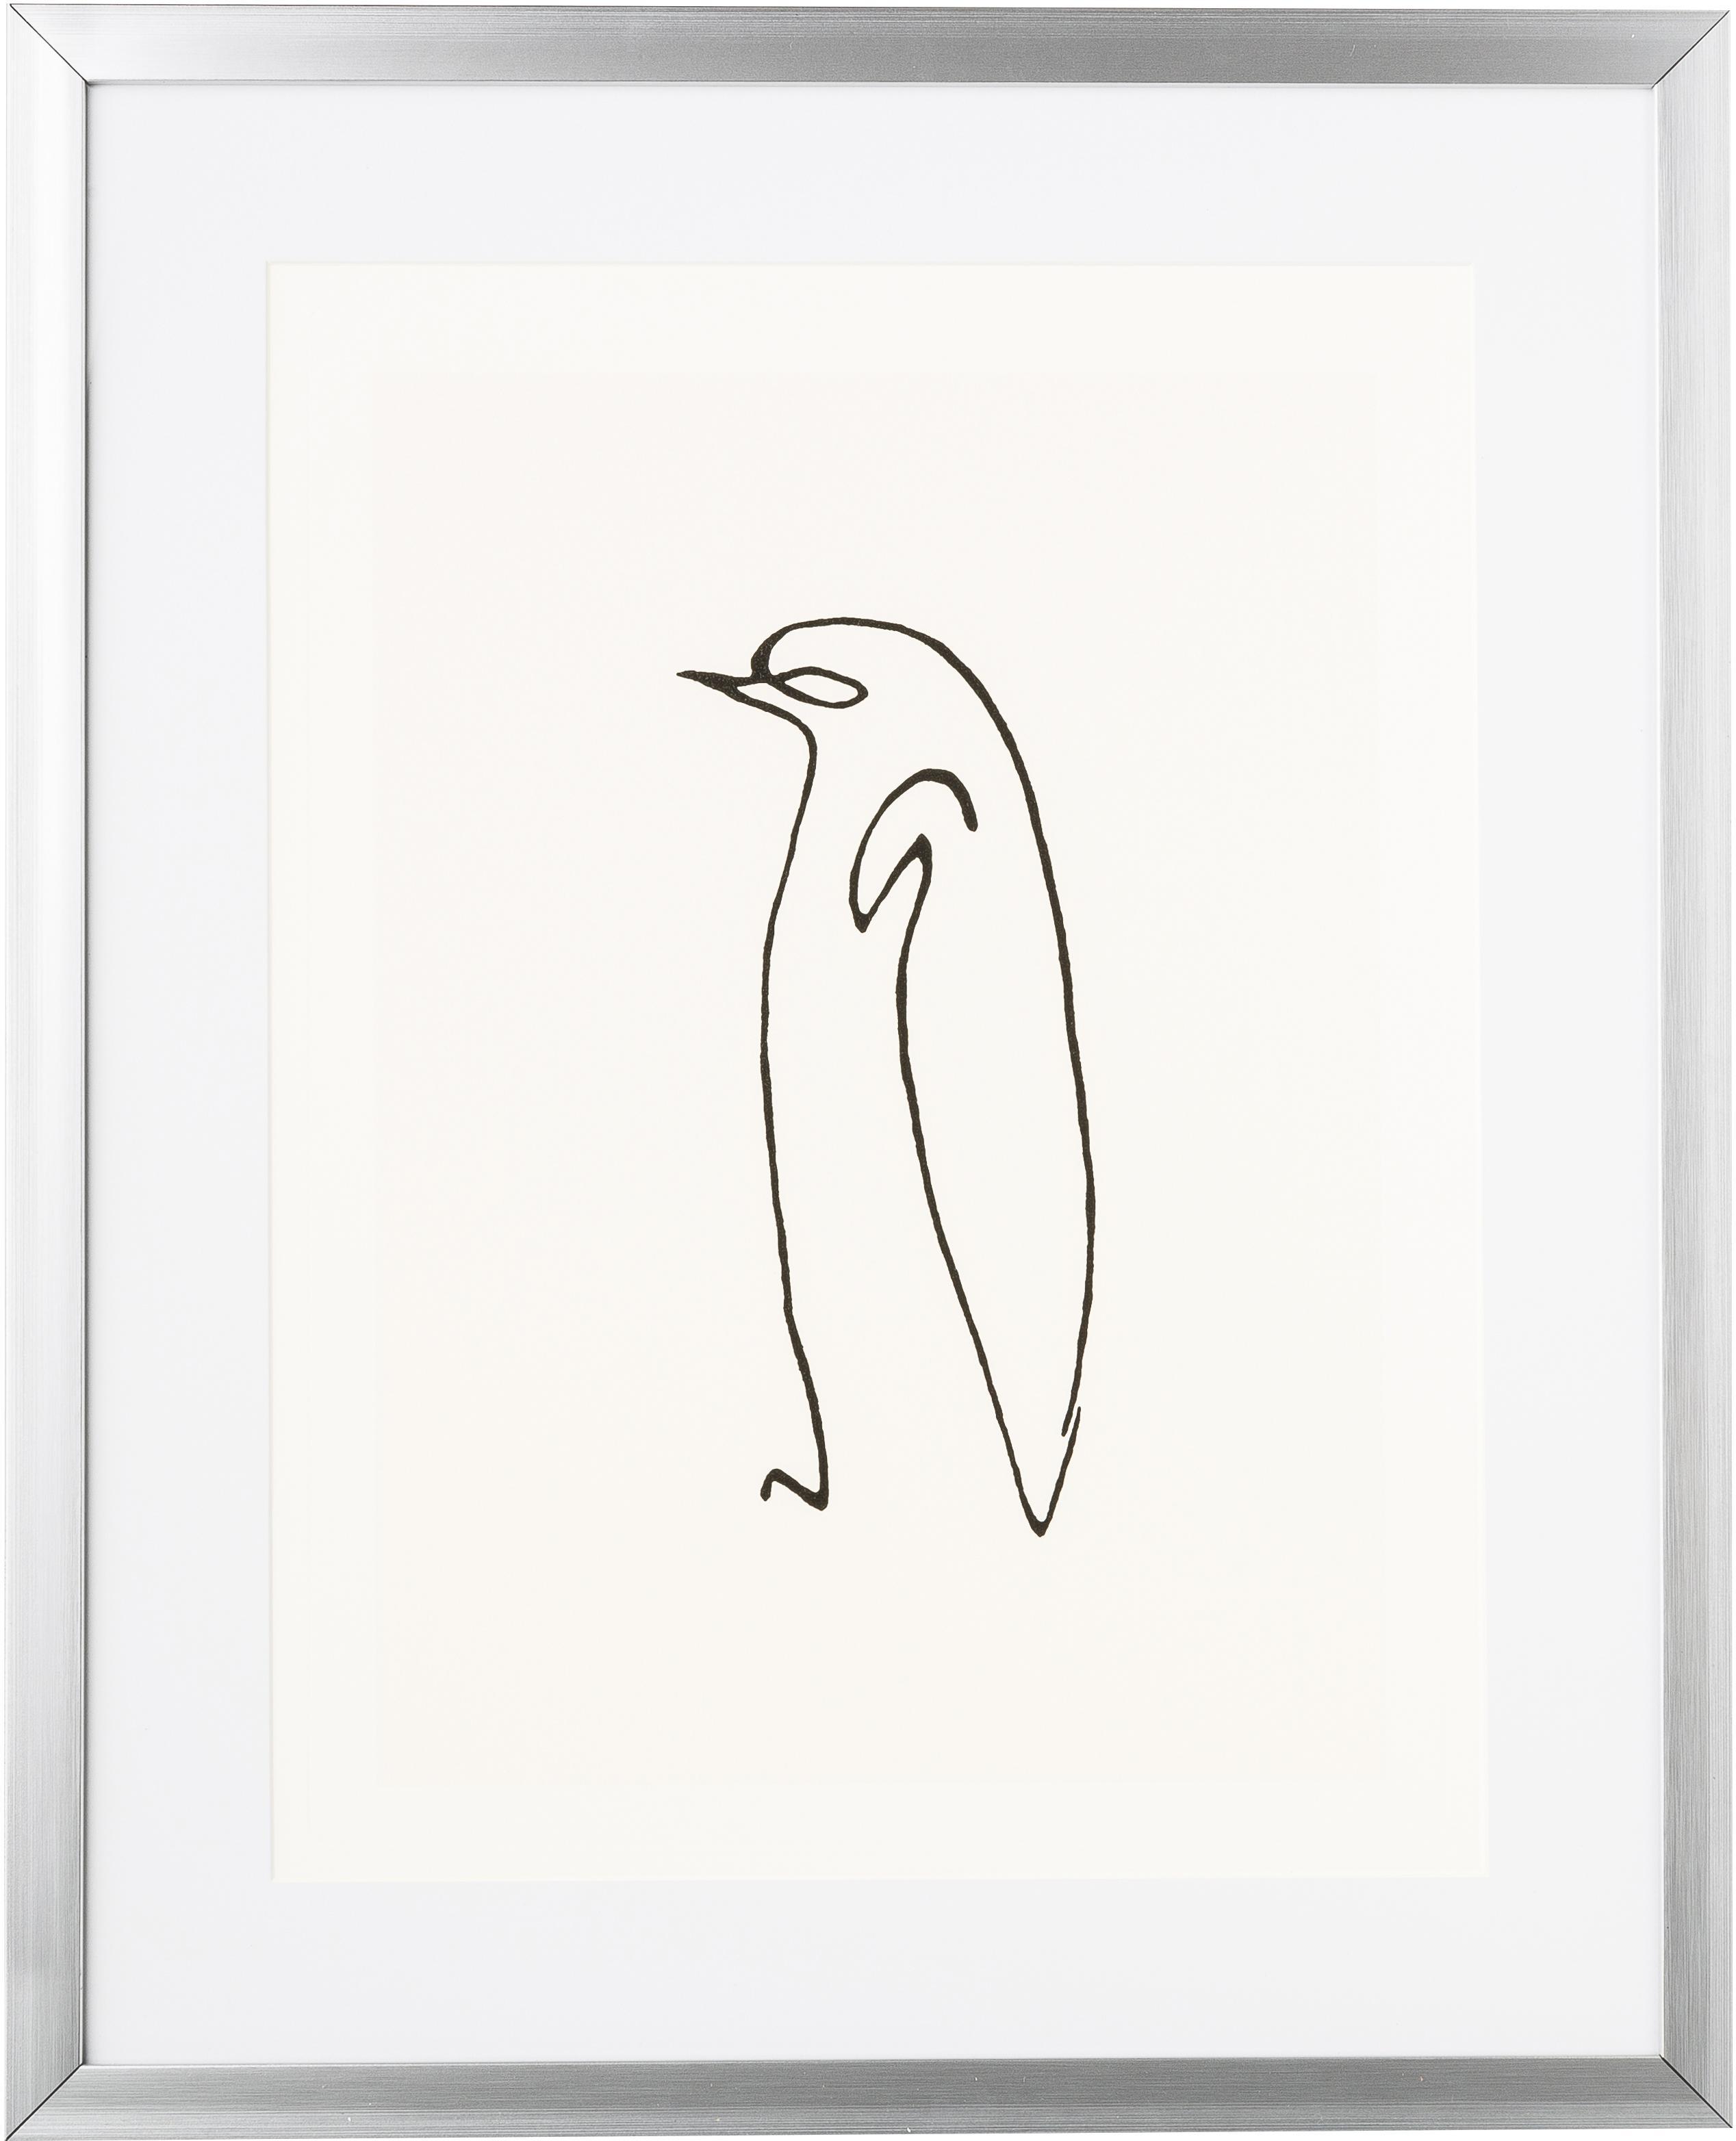 Gerahmter Digitaldruck Picasso's Pinguin, Bild: Digitaldruck, Rahmen: Kunststoff, Antik-Finish, Front: Glas, Bild: Schwarz, Weiß<br>Rahmen: Silberfarben, 40 x 50 cm